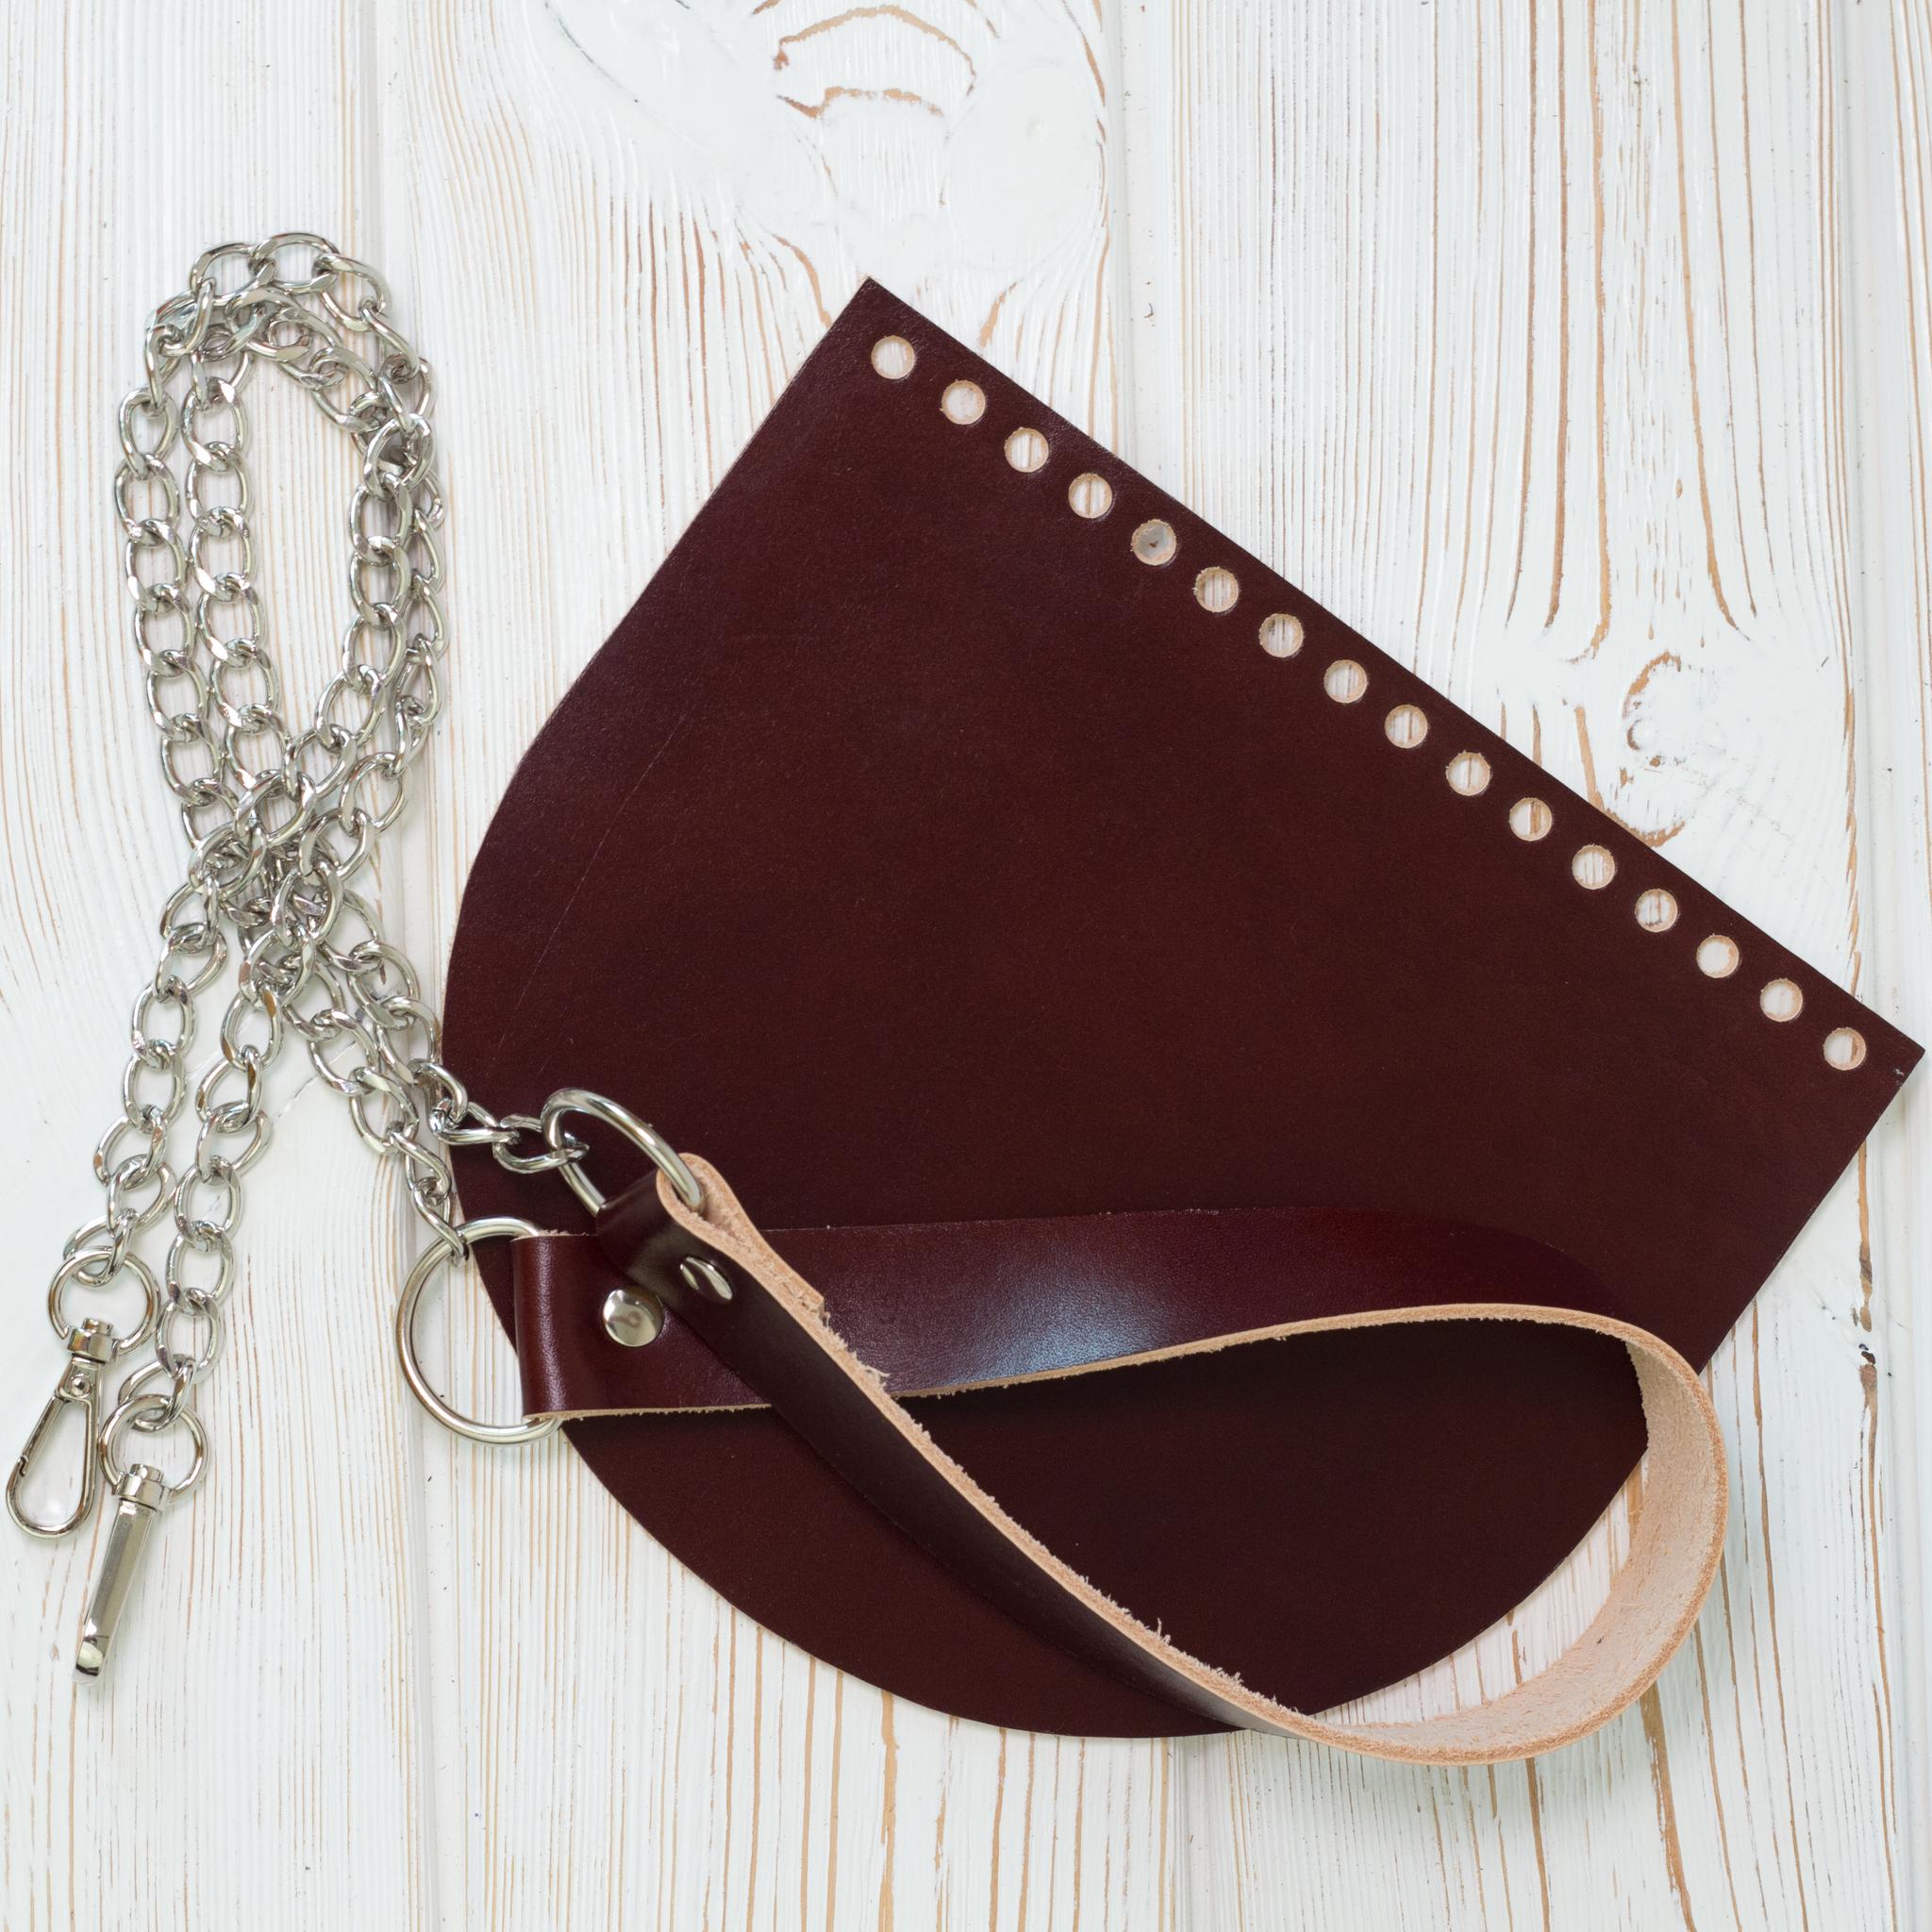 """Каталог Комплект для сумки """"Вишня лак"""" IMG_9613.jpg"""